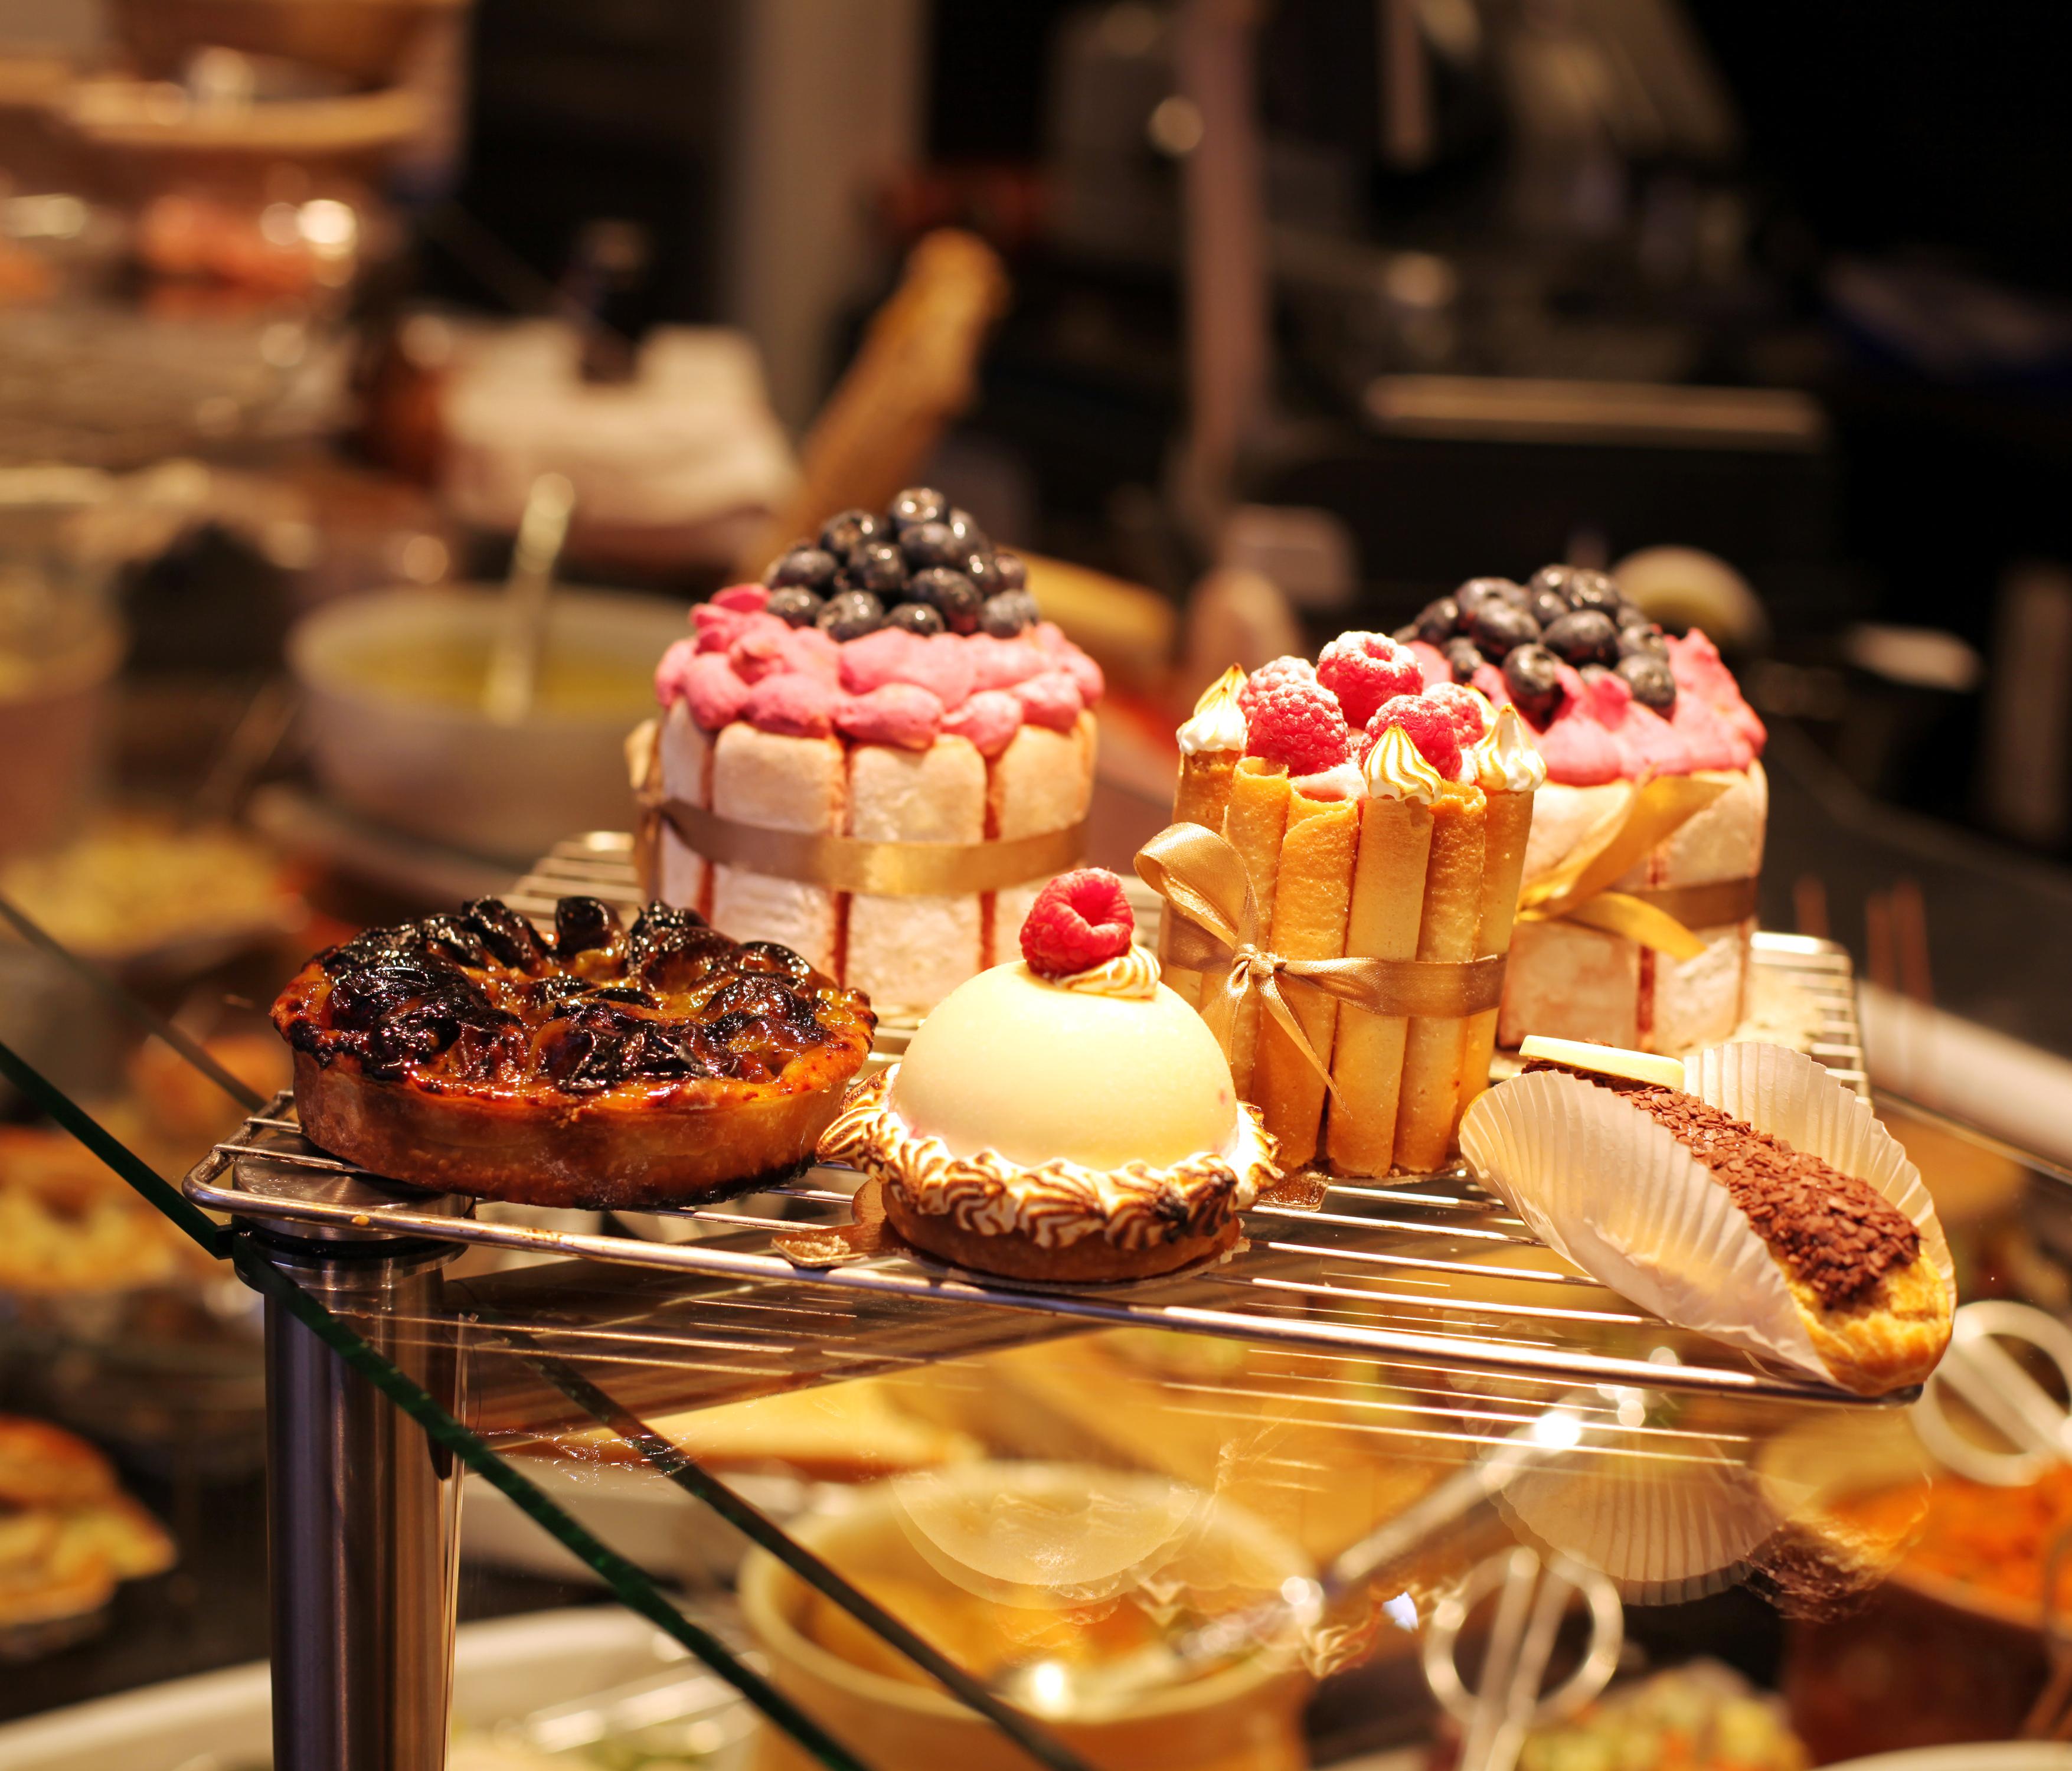 salón de la pastelería y repostería cocinarte